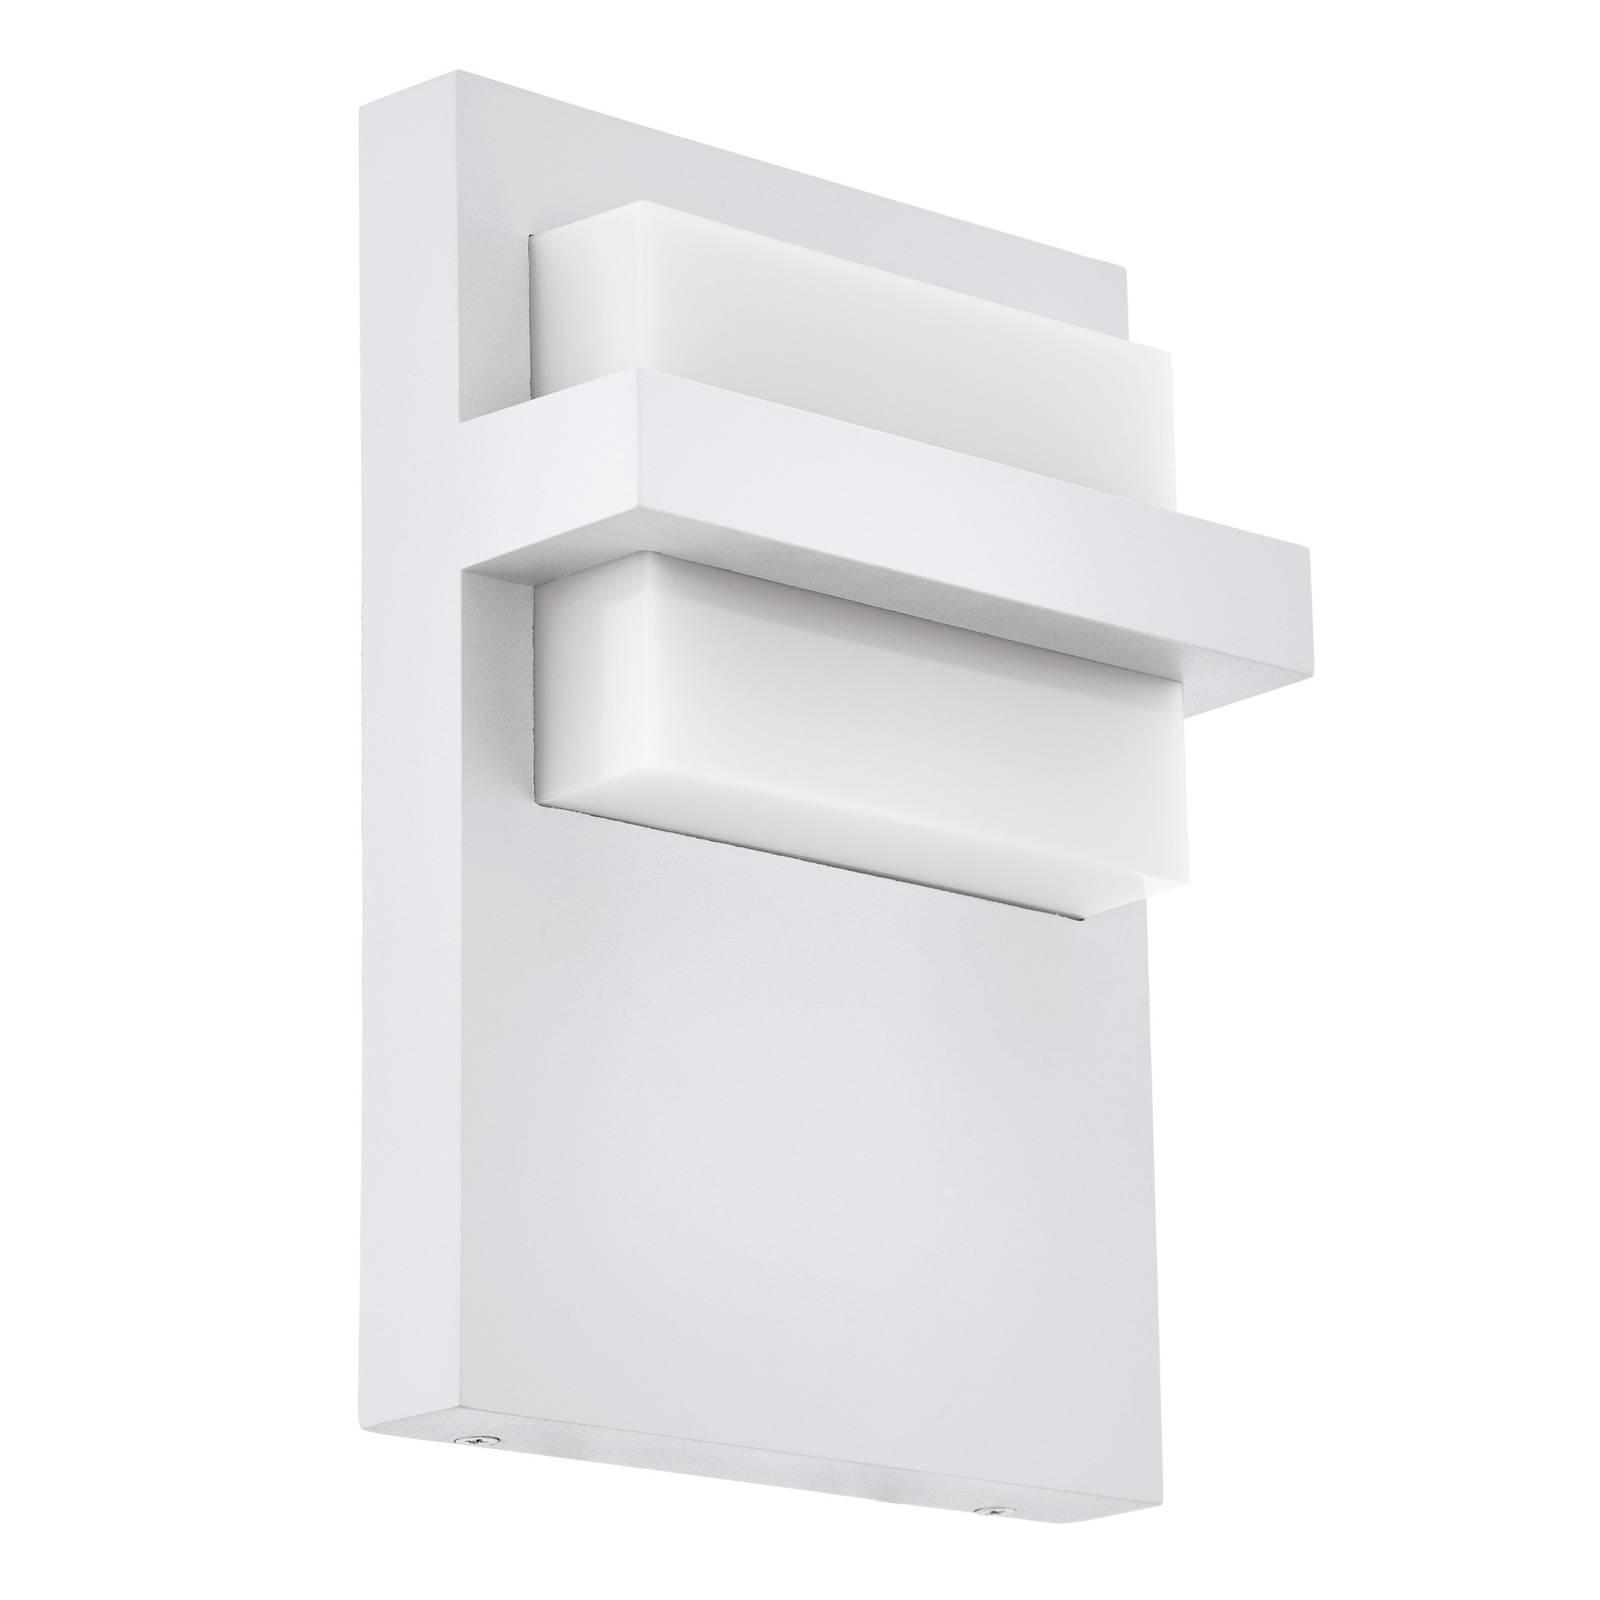 LED-ulkoseinävalaisin Culpina alumiinia, valkoinen